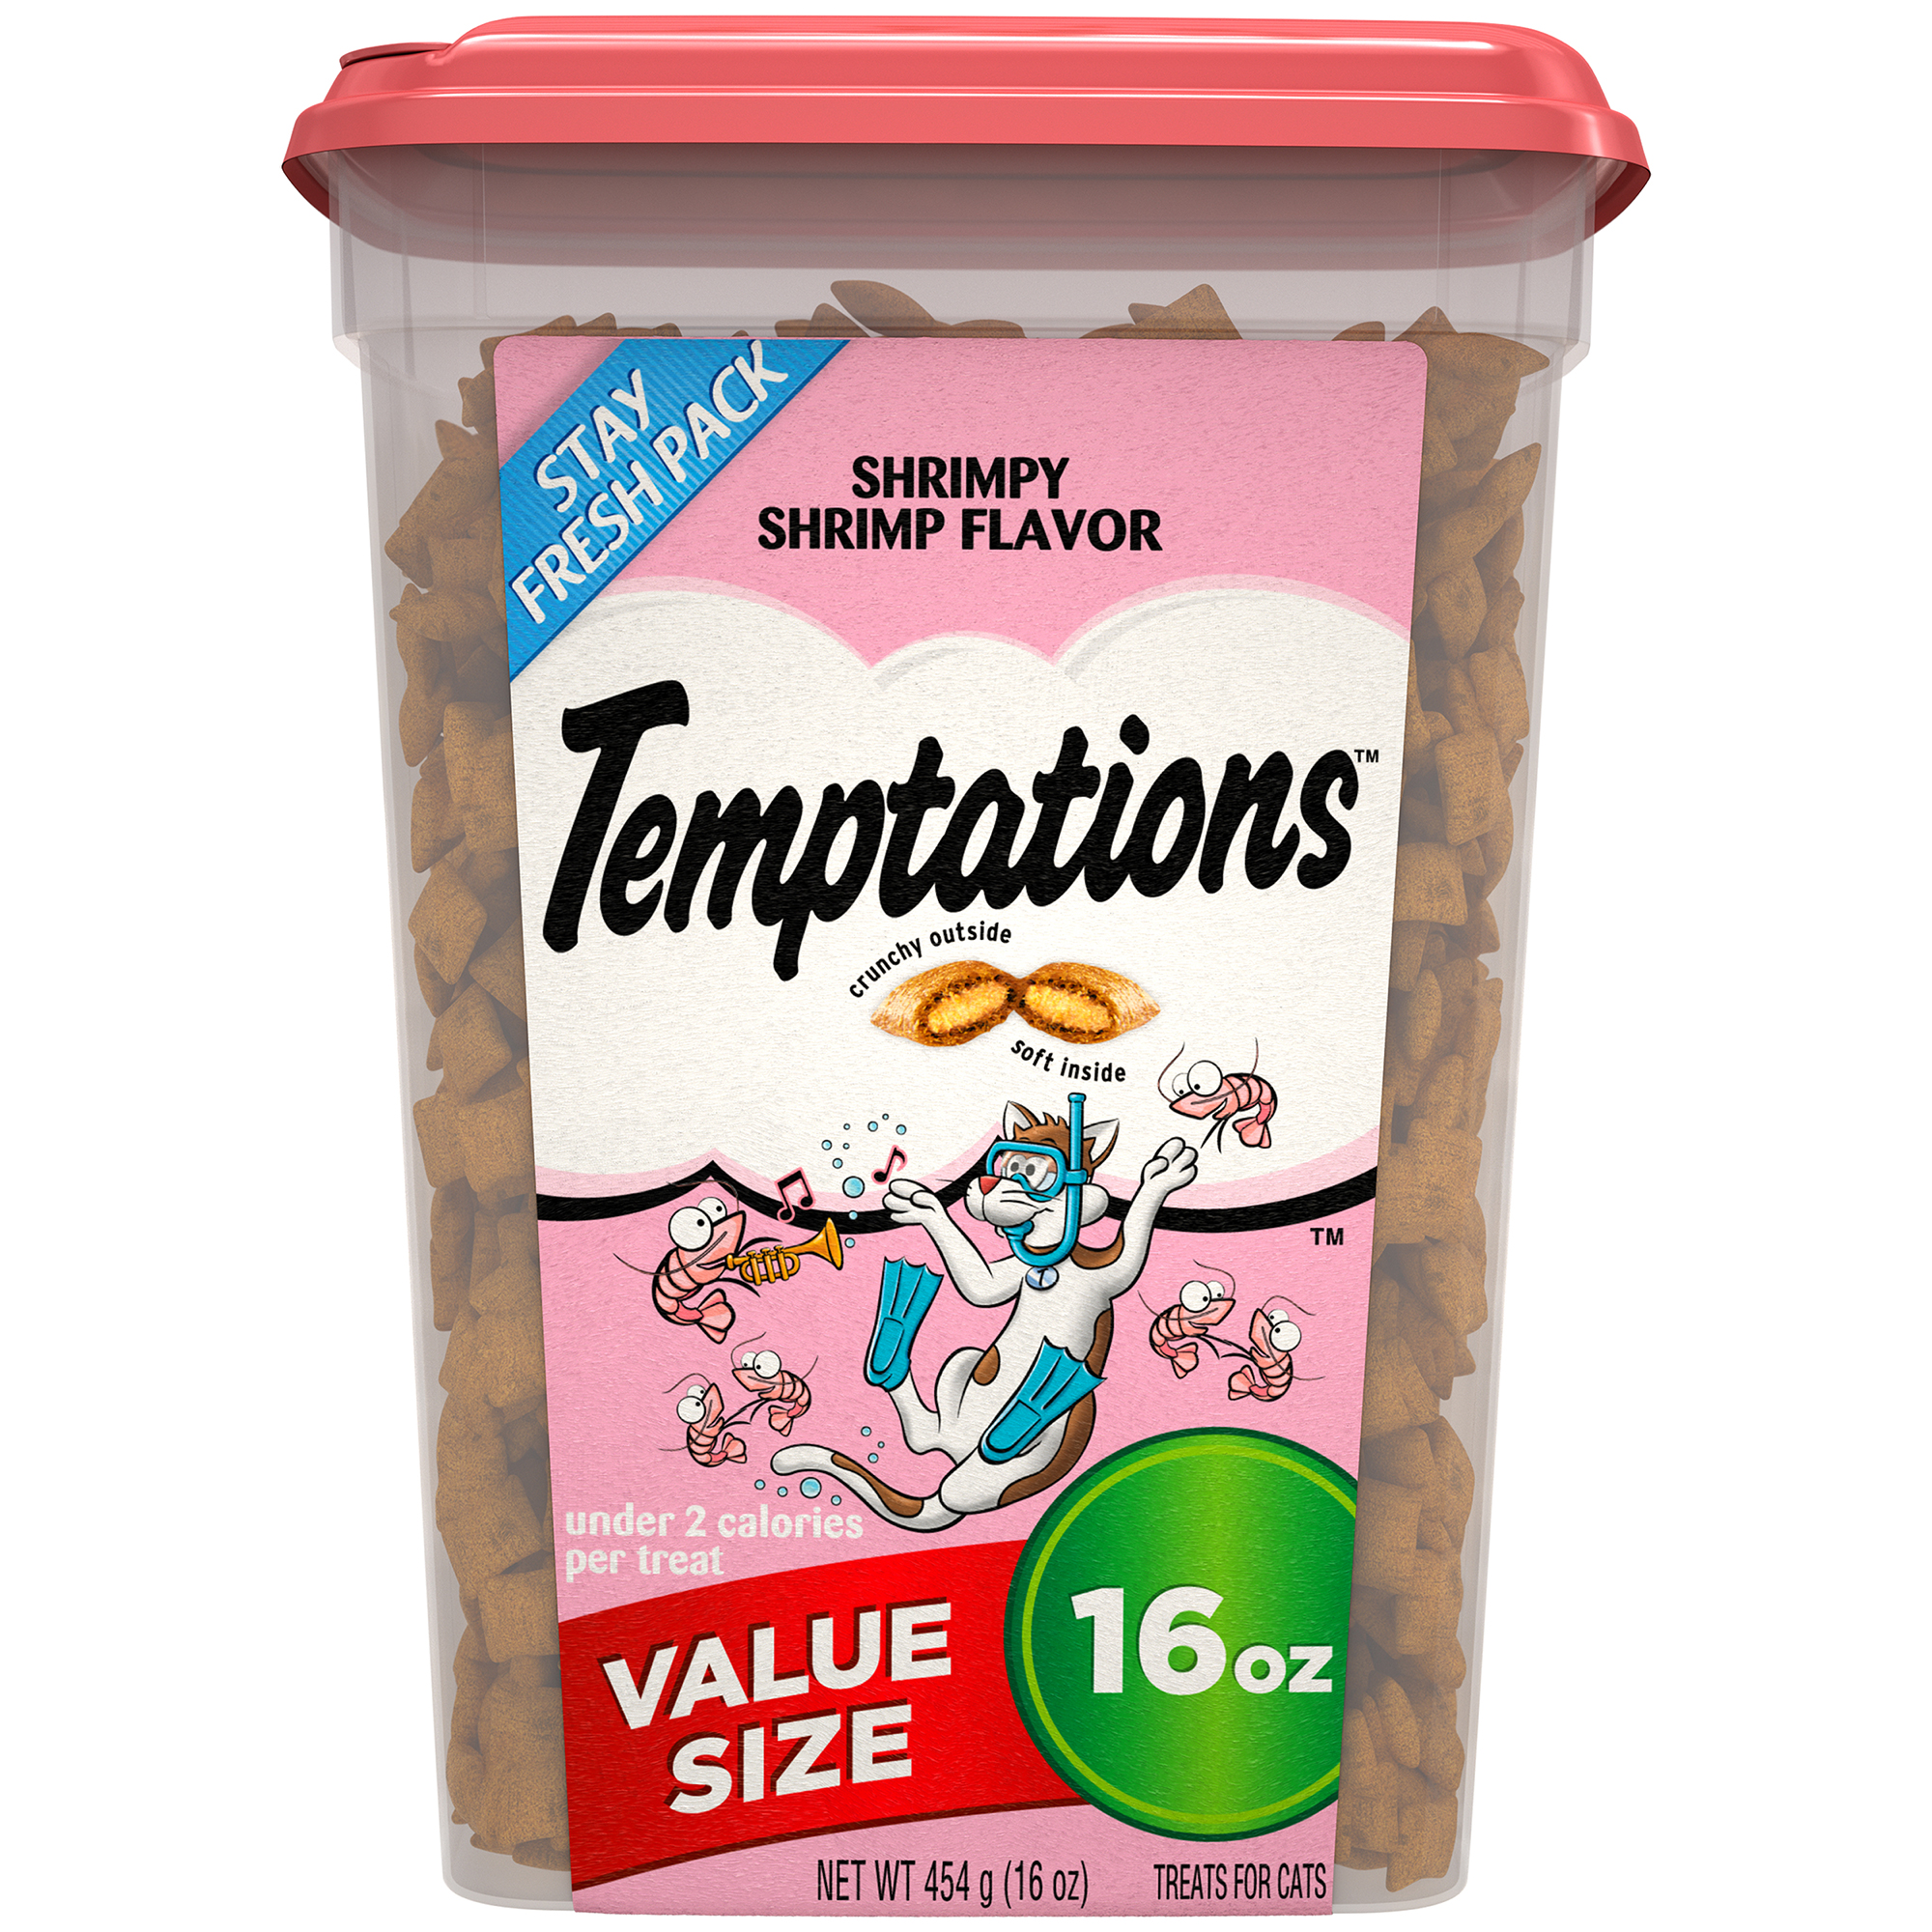 TEMPTATIONS Cat Treats Shrimpy Shrimp Flavor, 16 oz. Tub